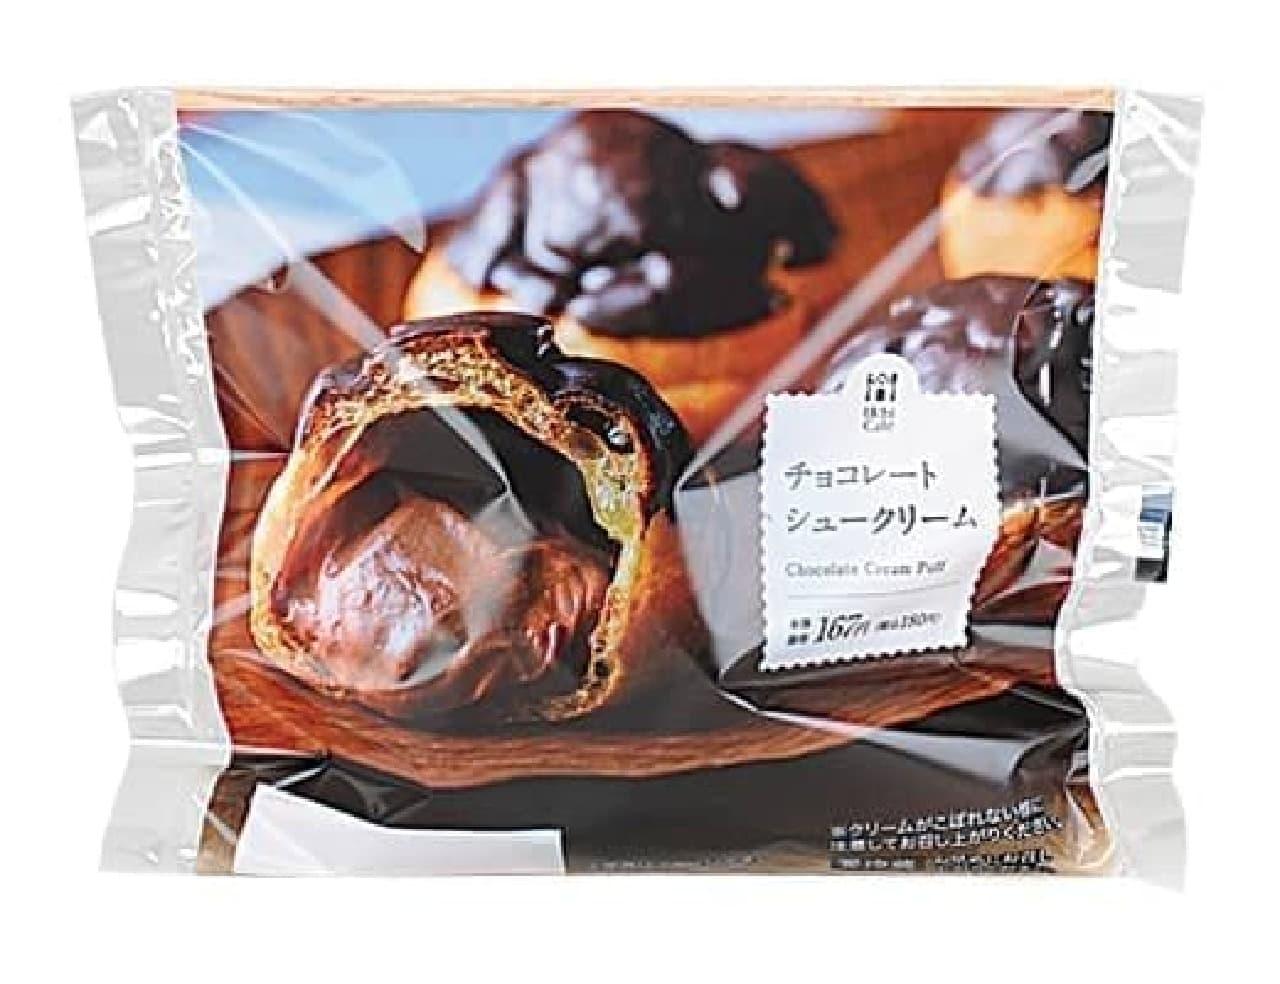 ローソン「チョコレートシュークリーム」